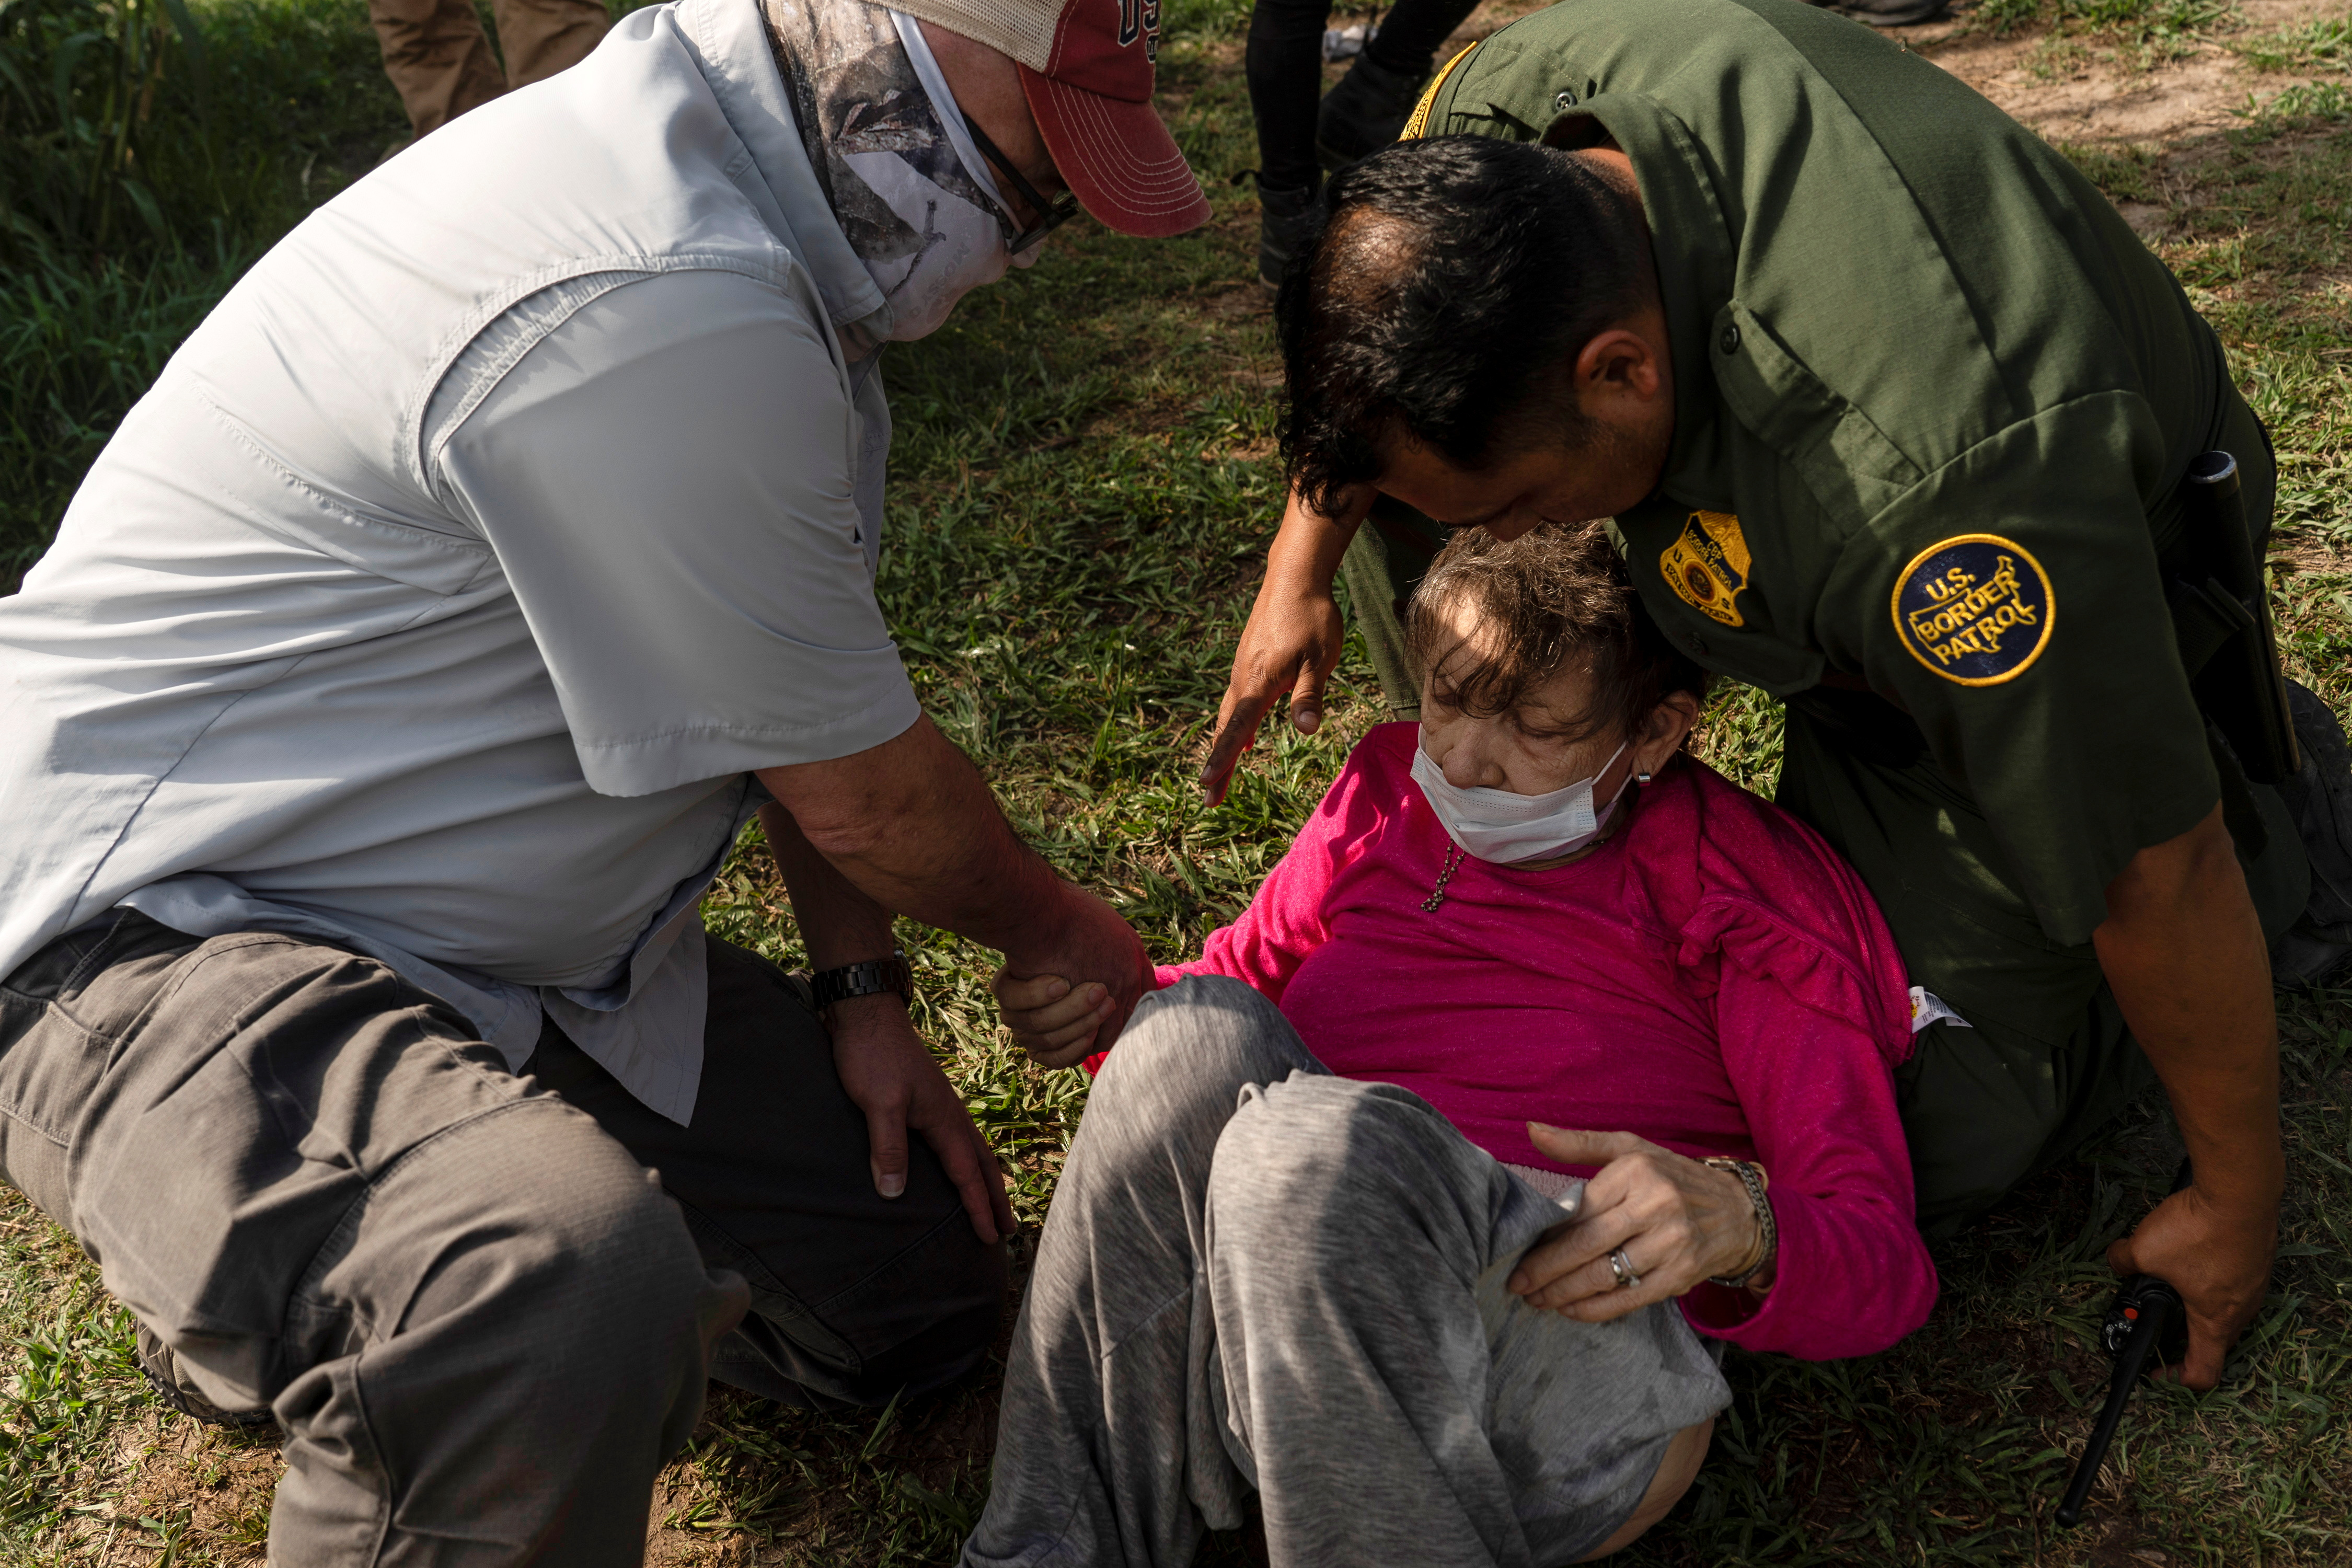 Dos agentes fronterizos ayudan a una anciana venezolana tras cruzar la frontera.